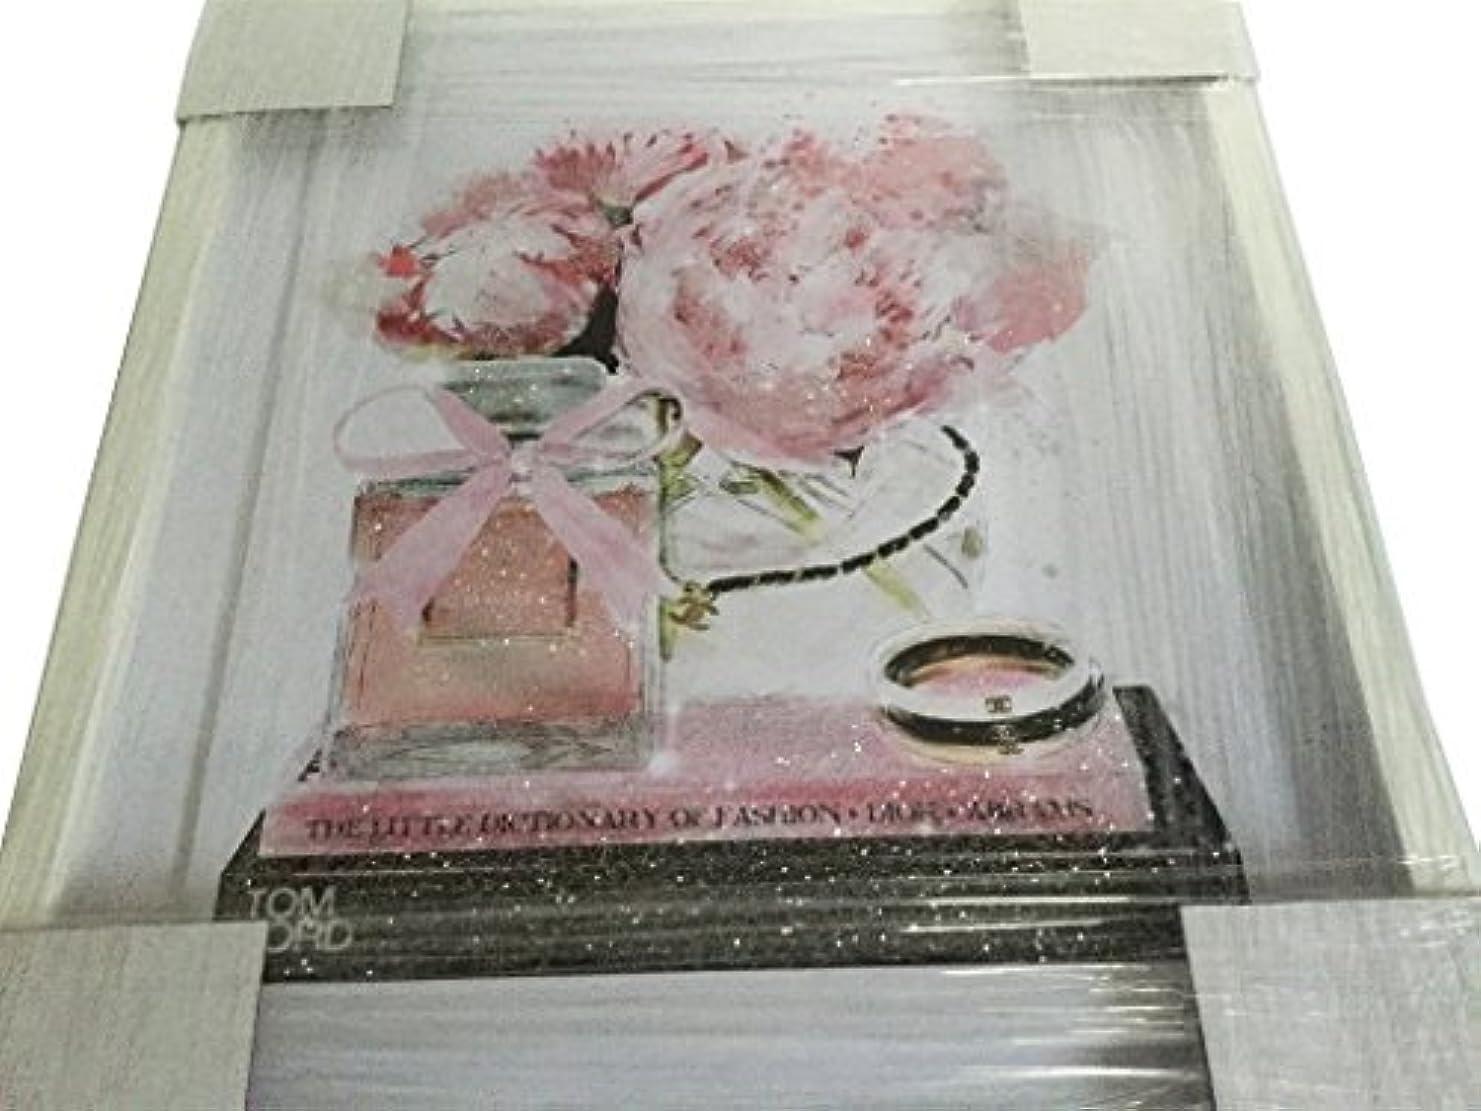 ワーディアンケース静的権限Oliver Gal O83 Elegant Perfume and Morning CHANEL スワロフスキー (17×20インチ:43.18×50.8cm)